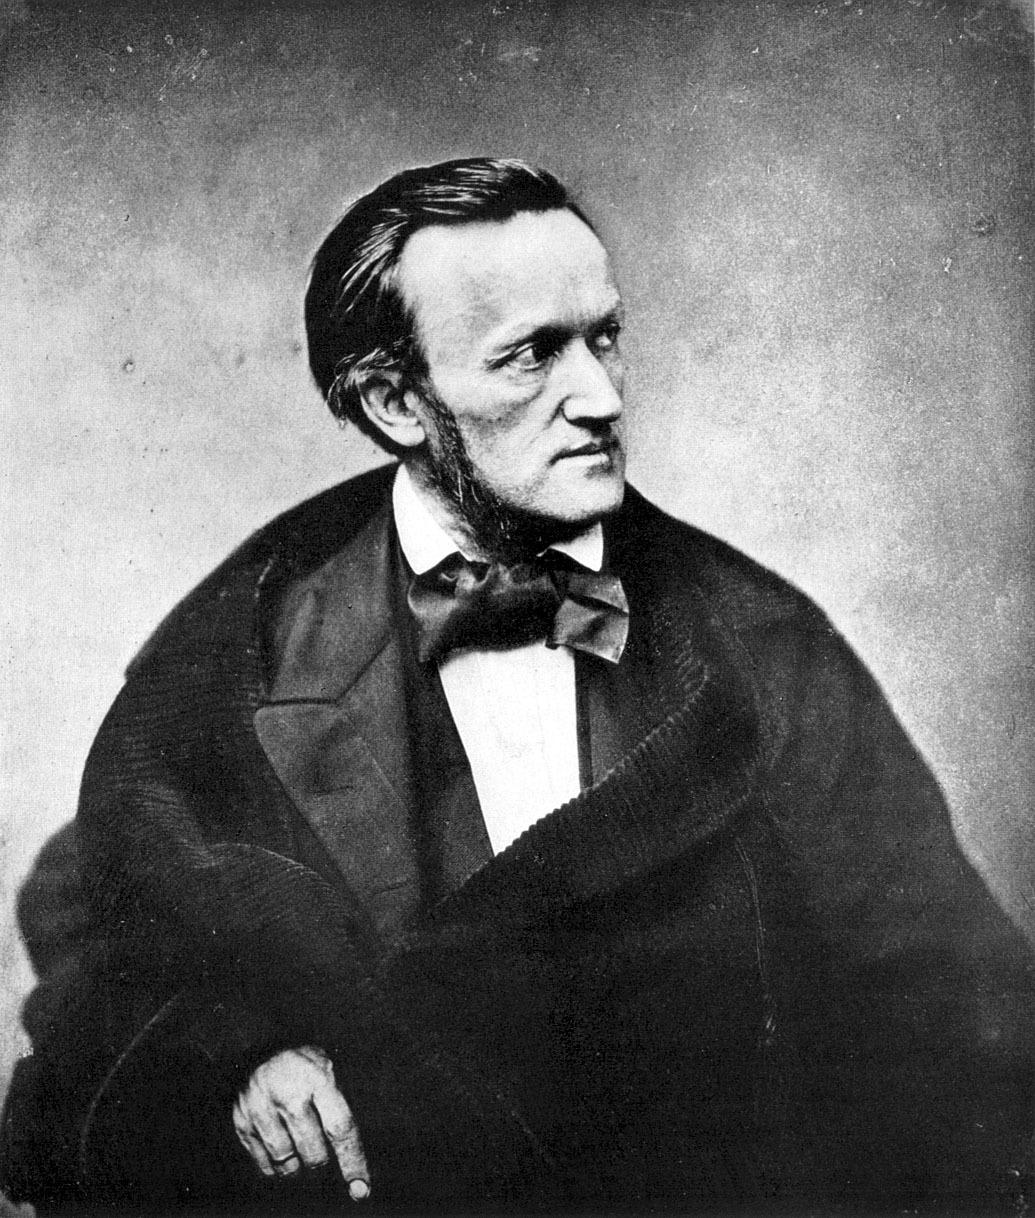 картинки композиторов немецкий композитор приятные воспоминания всегда